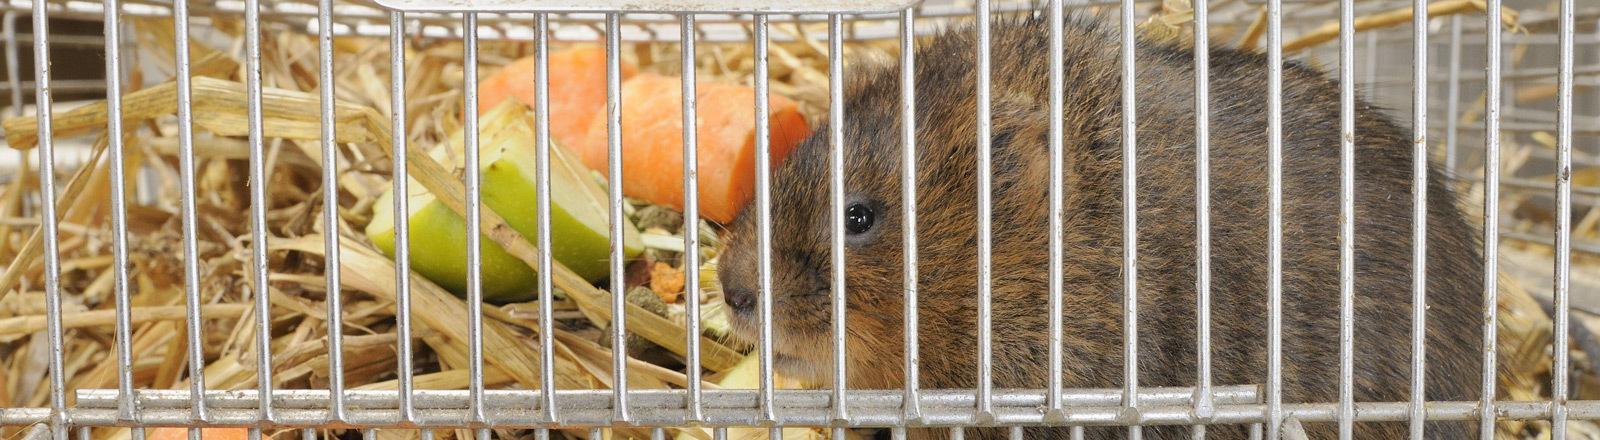 Ein Hamster sitzt in einem Käfig.